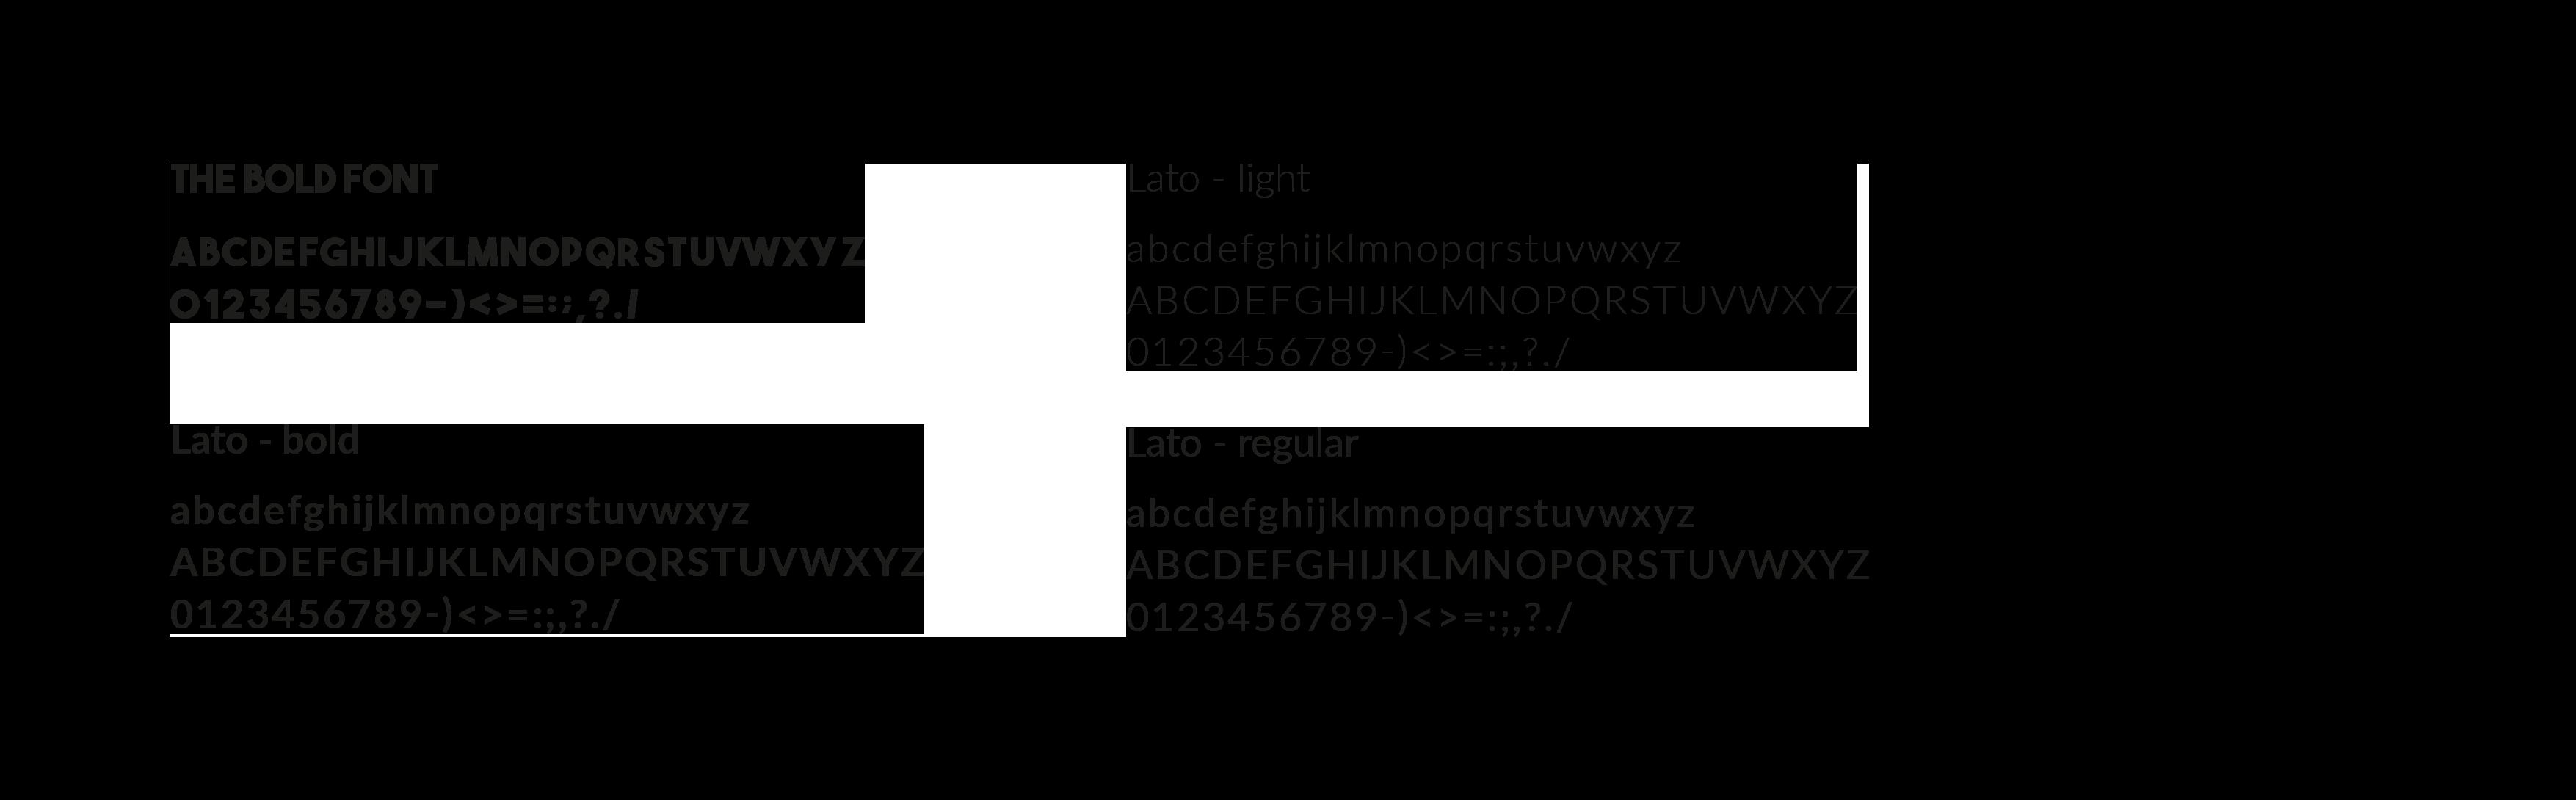 Typo-02-3